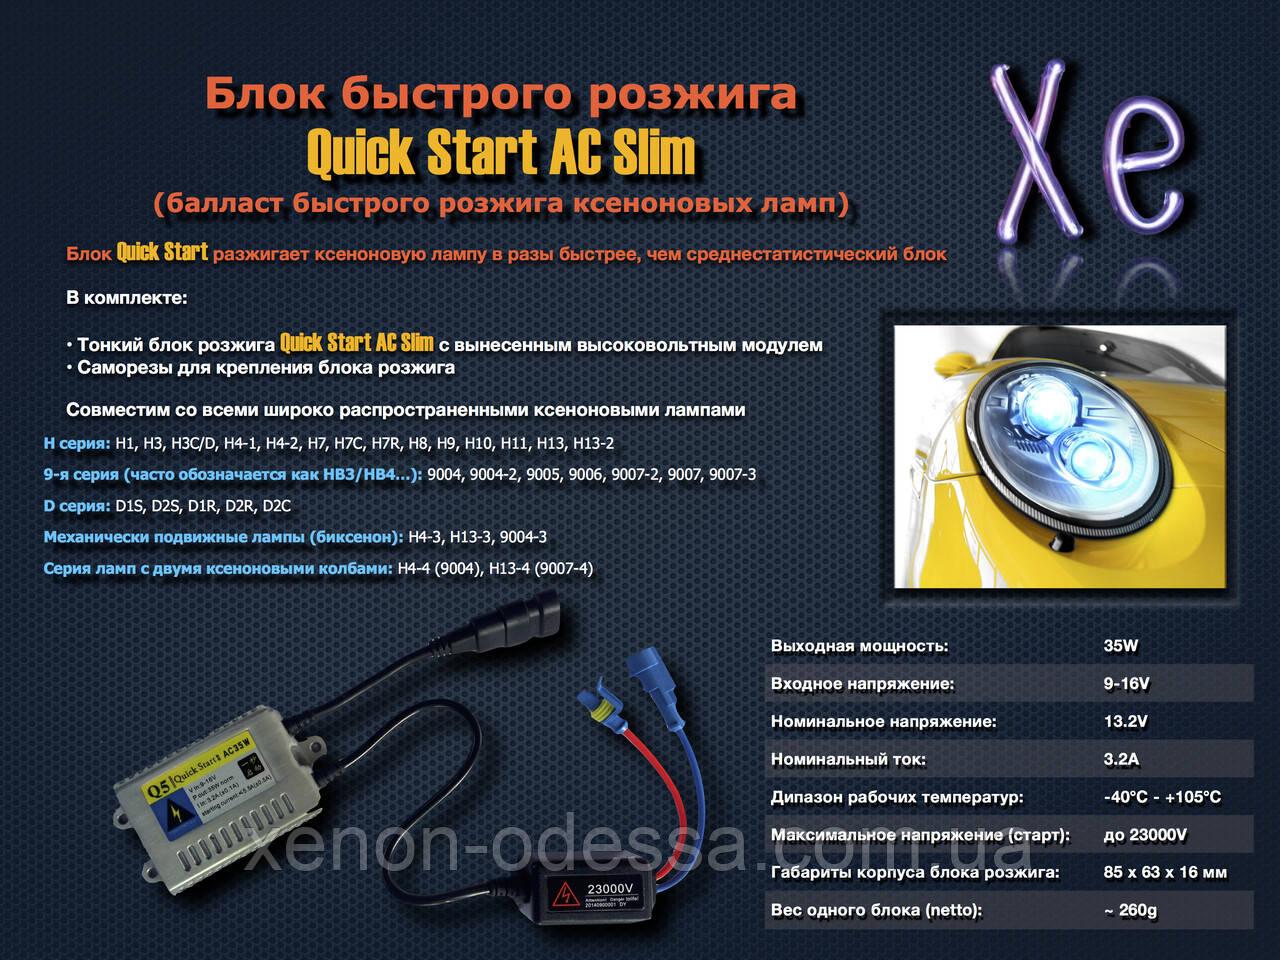 Блок быстрого розжига Q5 Quick Start AC Slim / балласт для ксенона